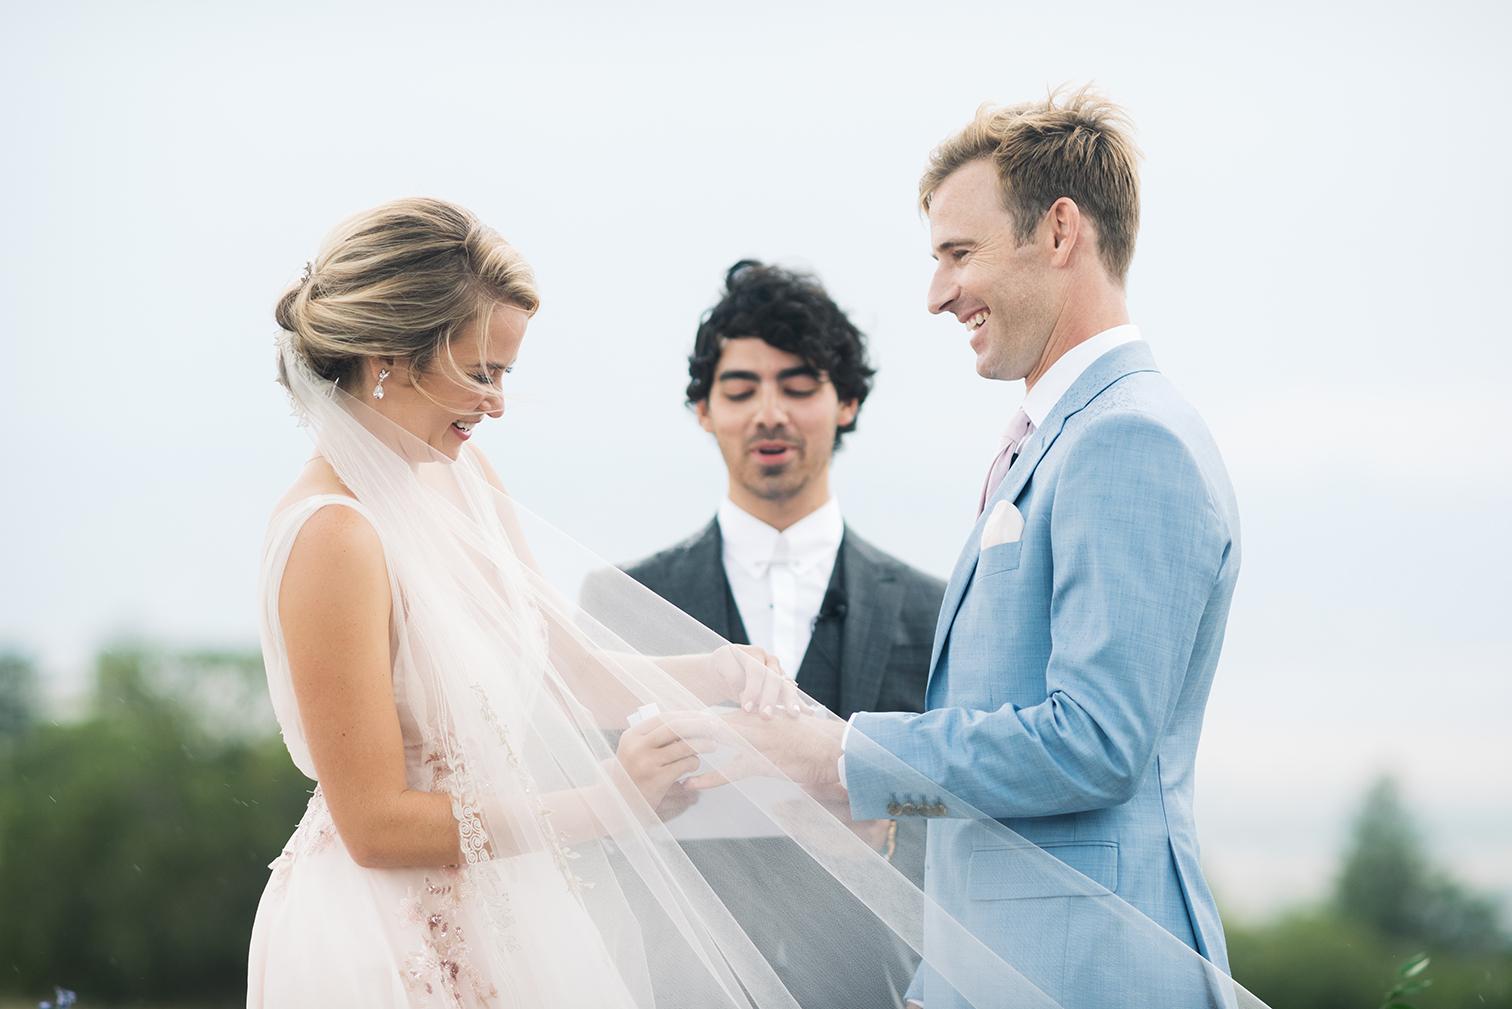 Colorado Wedding Photographers, Denver Wedding Photography, Destination weddings in Colorado, Summer Mountain Wedding Photos